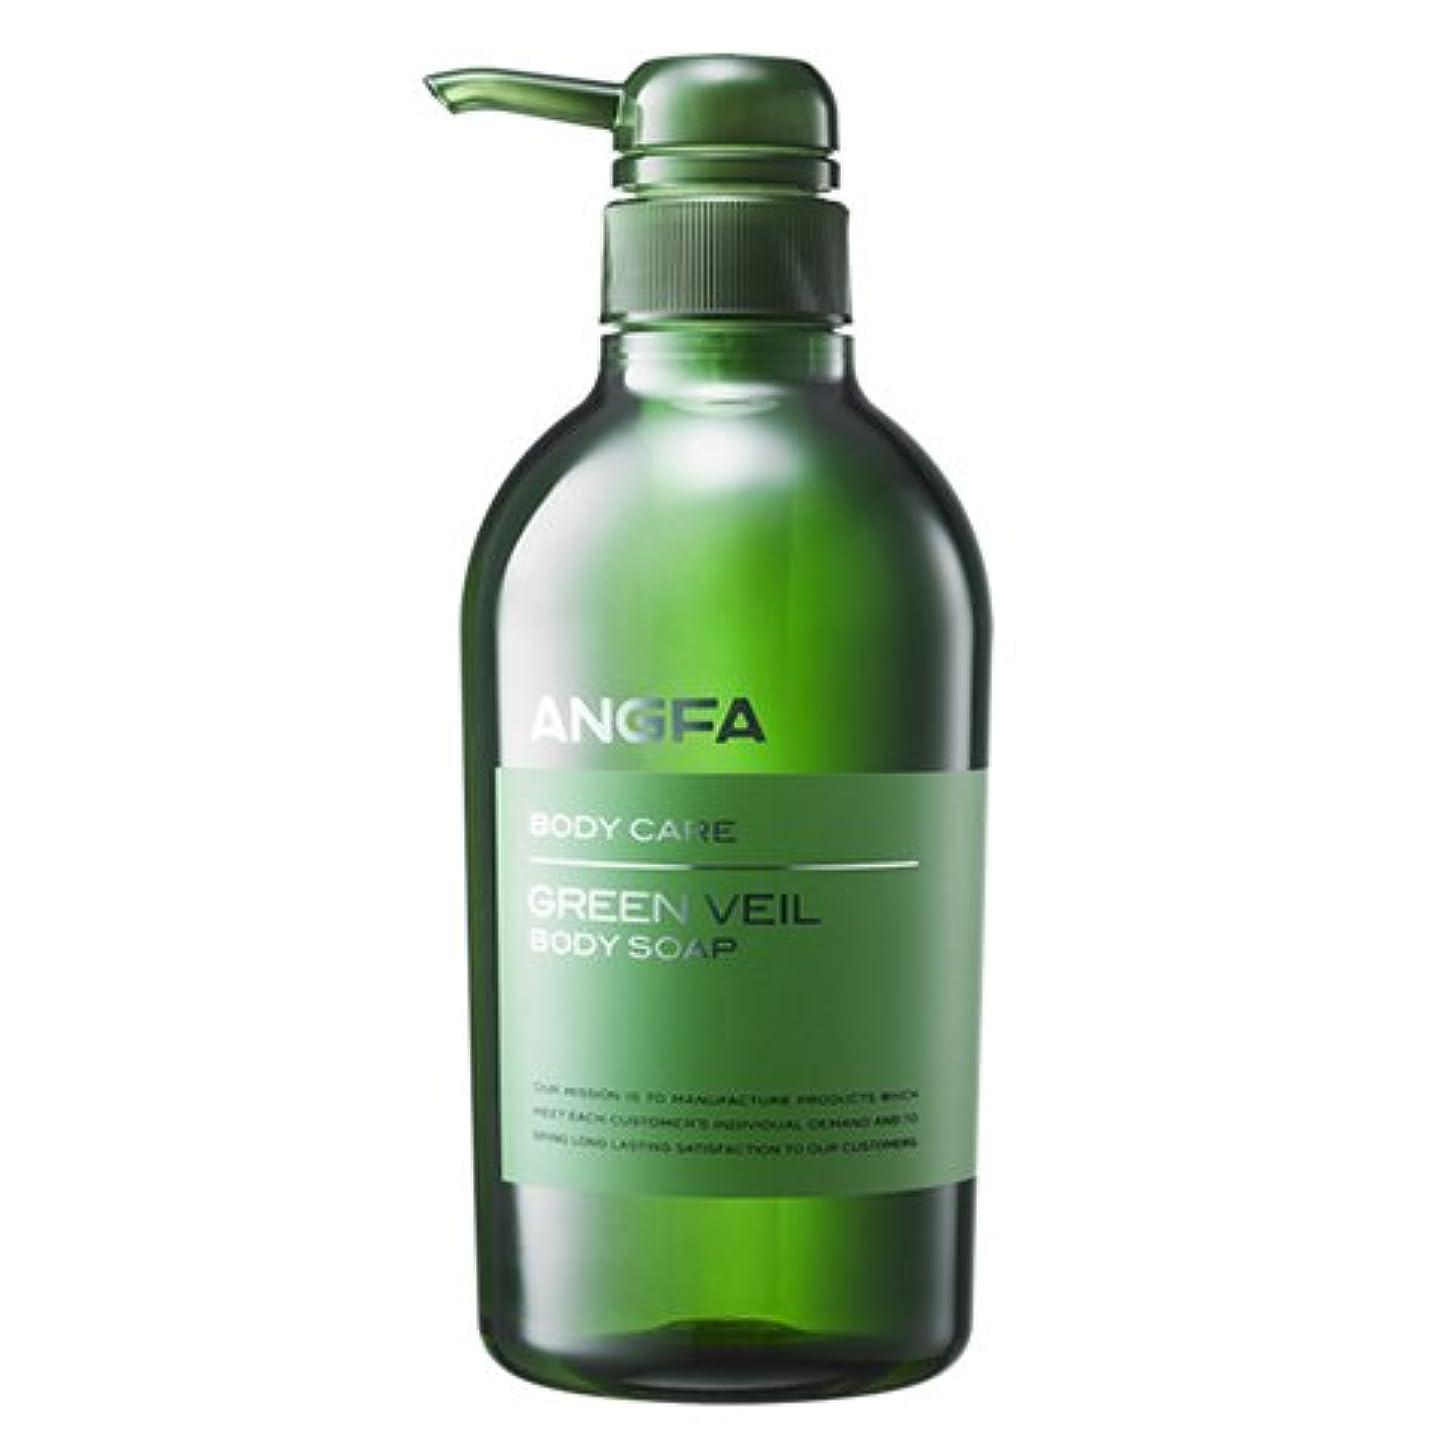 アルコーブ下品累積アンファー (ANGFA) グリーンベール 薬用ボディソープ 500ml グリーンフローラル [乾燥?保湿] かゆみ肌